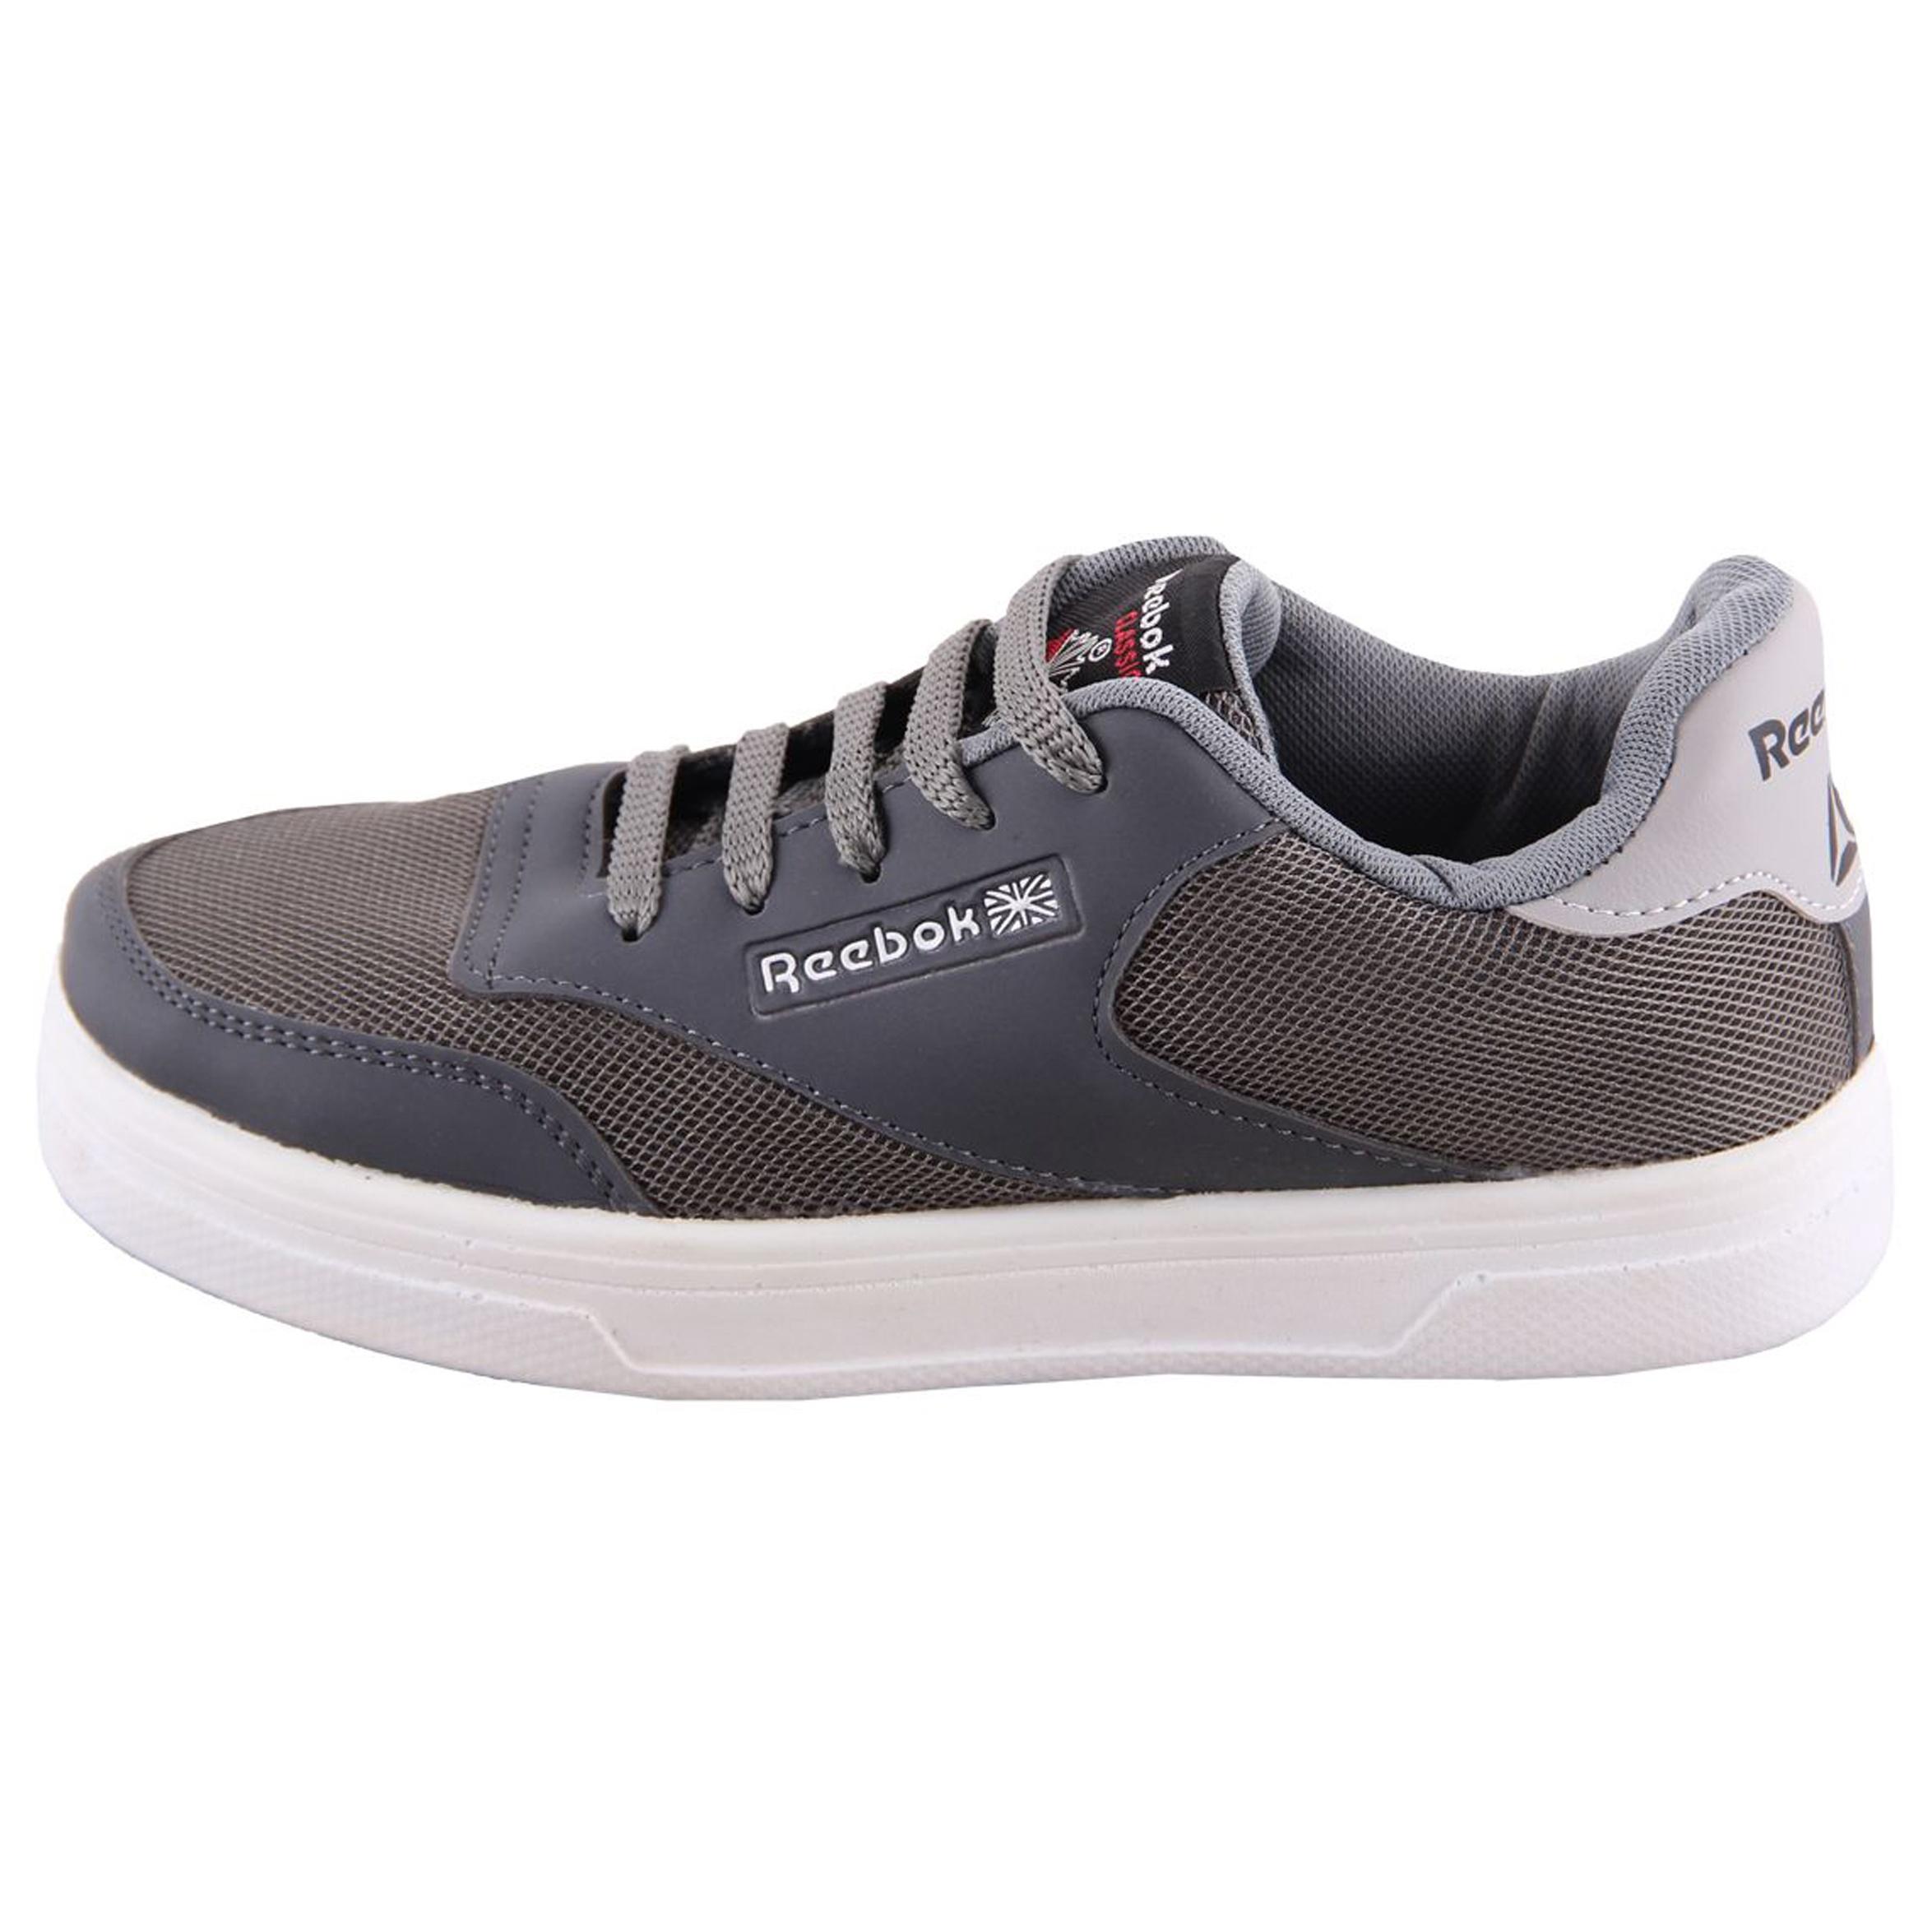 کفش مخصوص پیاده روی زنانه کد 15-2397220